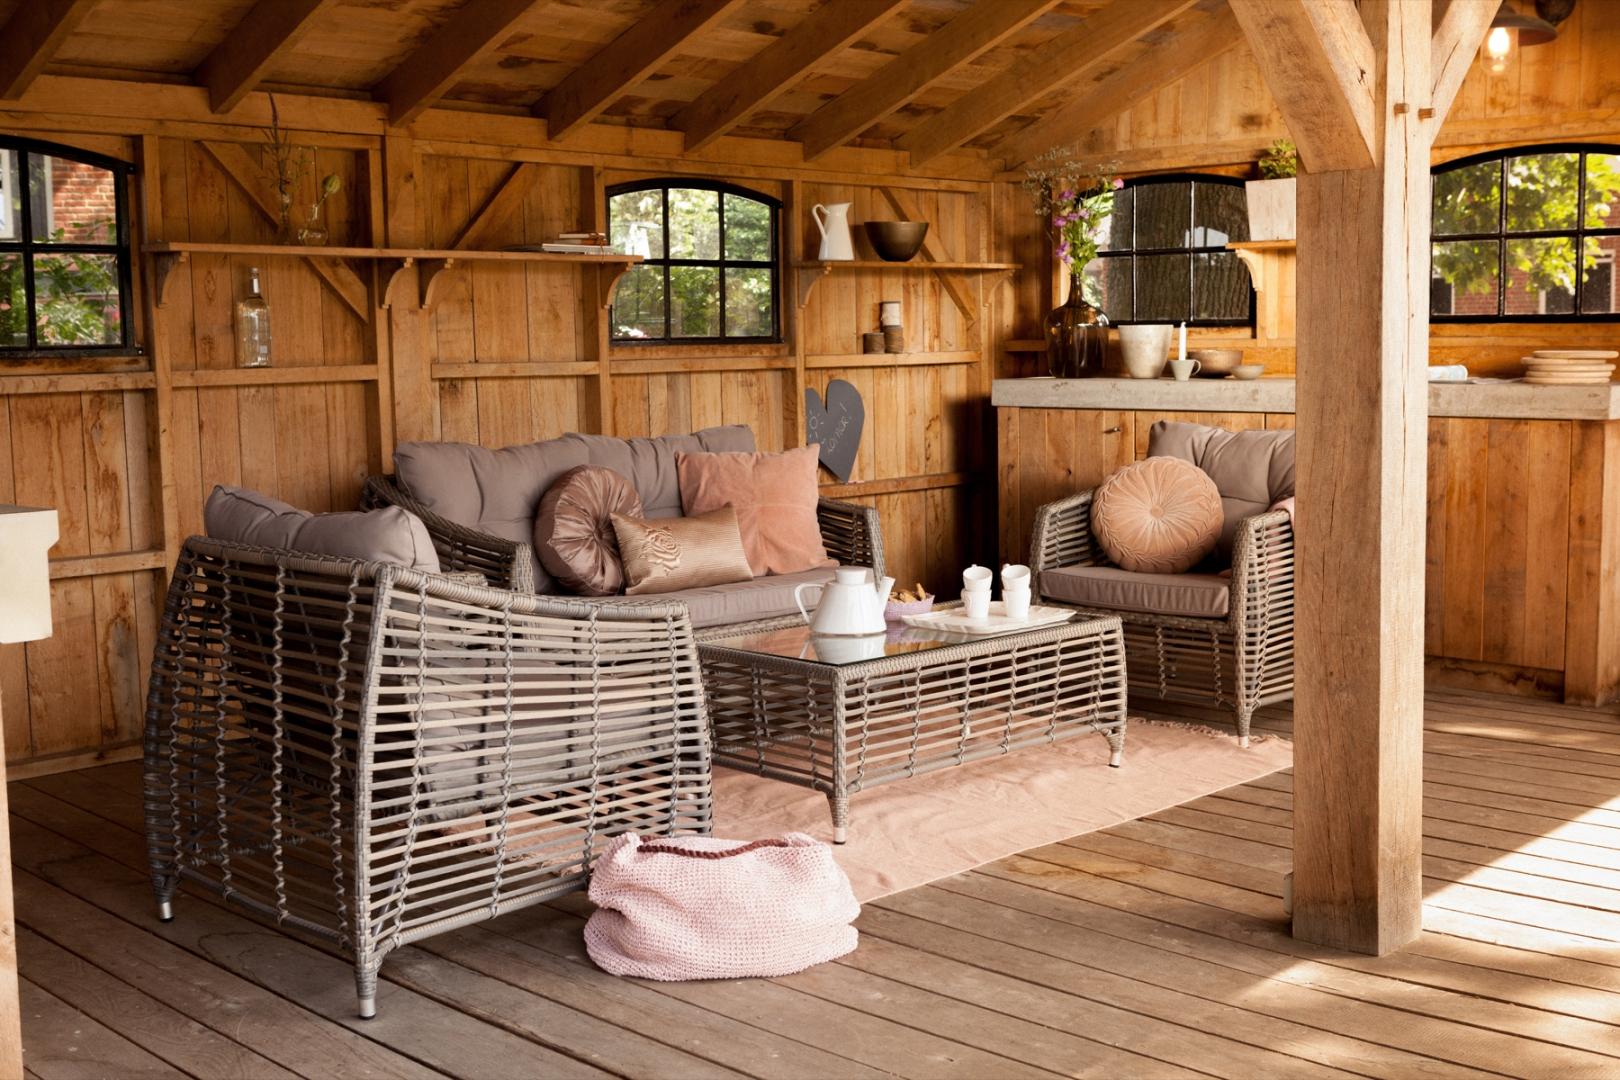 Buitenleven tips voor het inrichten van jouw veranda stijlvol styling woonblog - Inrichting van het terras ...